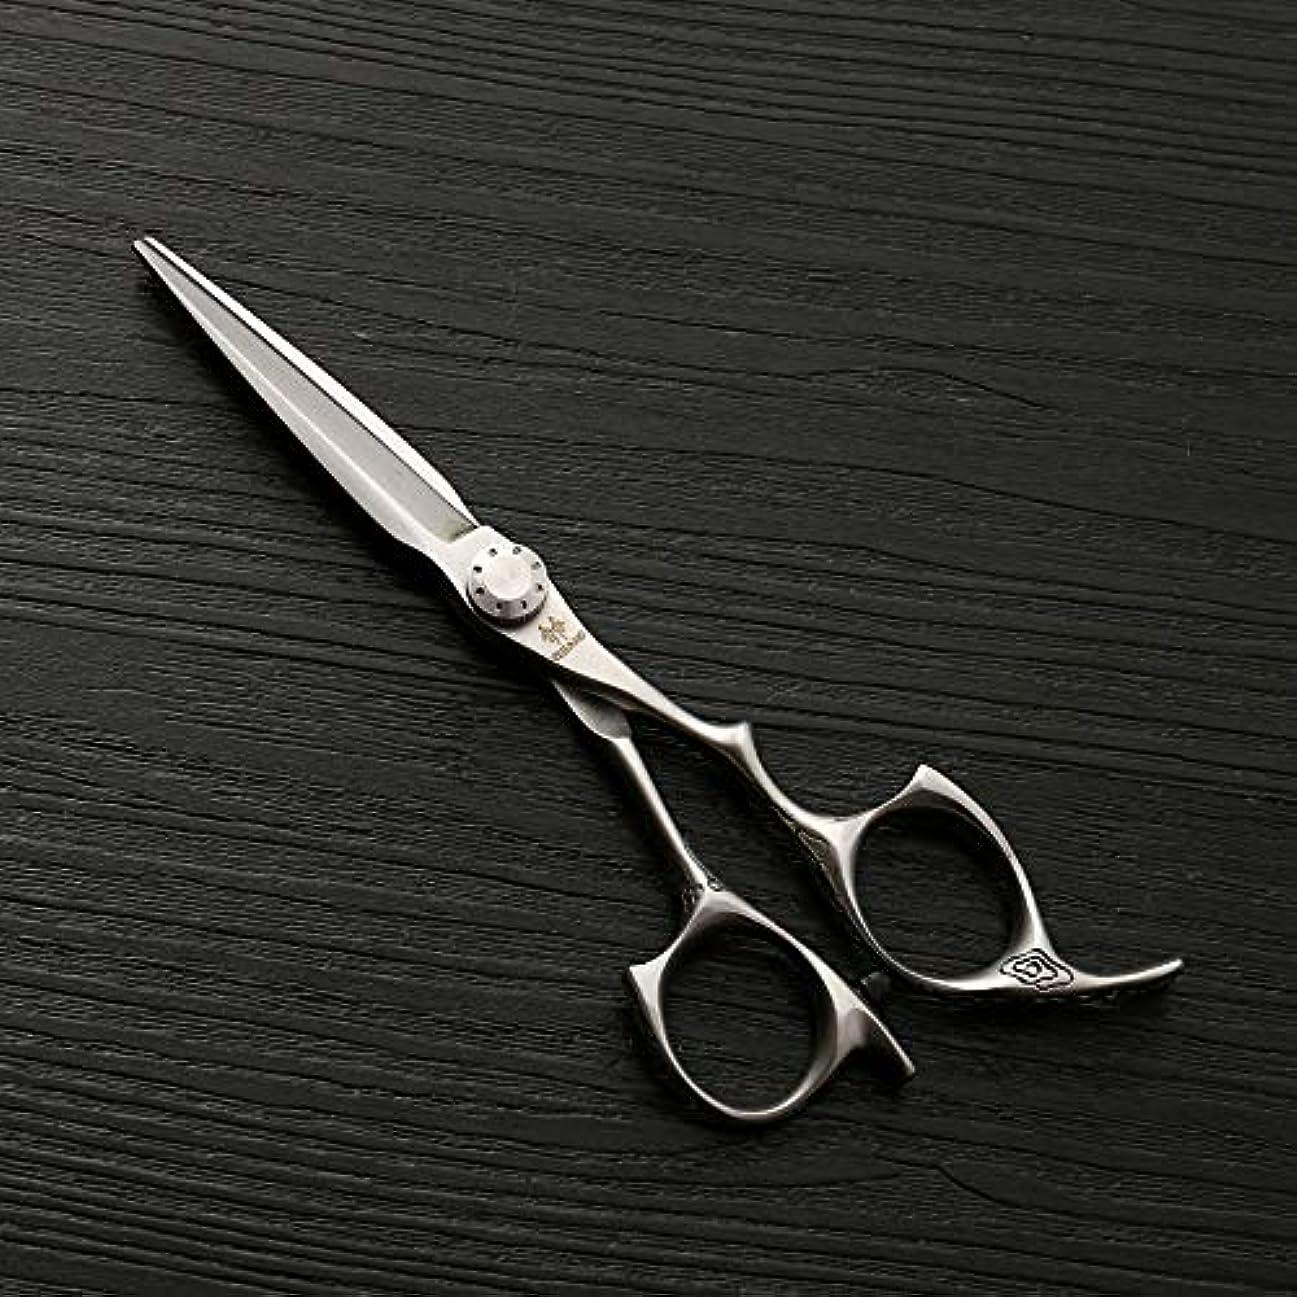 沼地決めます動かない理髪用はさみ 新バリカン、ヘアスタイリスト理髪はさみ、5.5インチステンレス鋼プロフェッショナルフラットシアーヘアカットシザーステンレス理髪はさみ (色 : Silver)